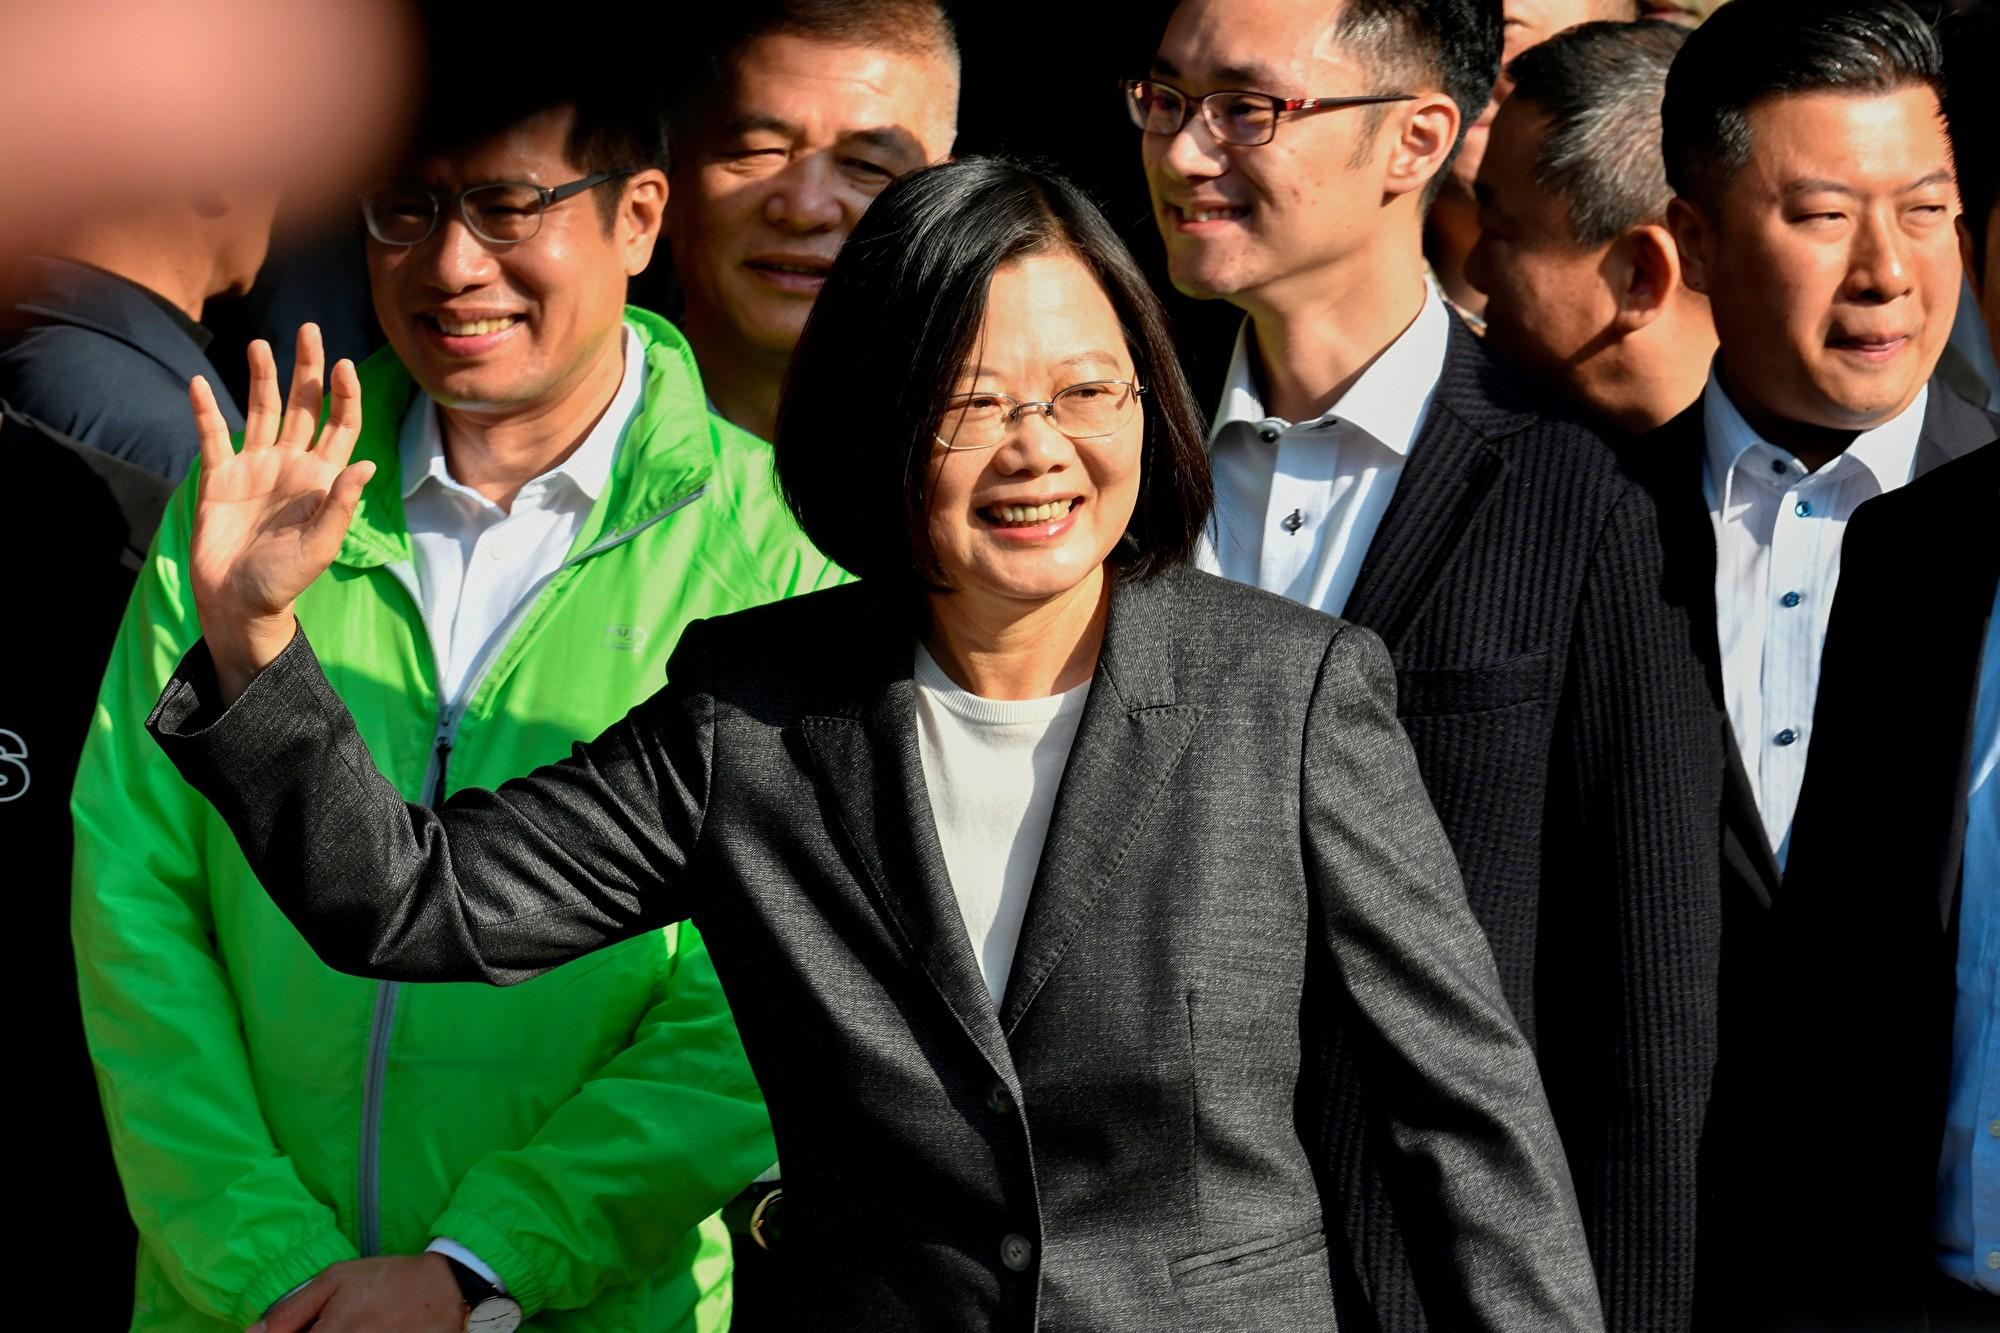 蔡英文破810萬票 發言人:民主海嘯勝利